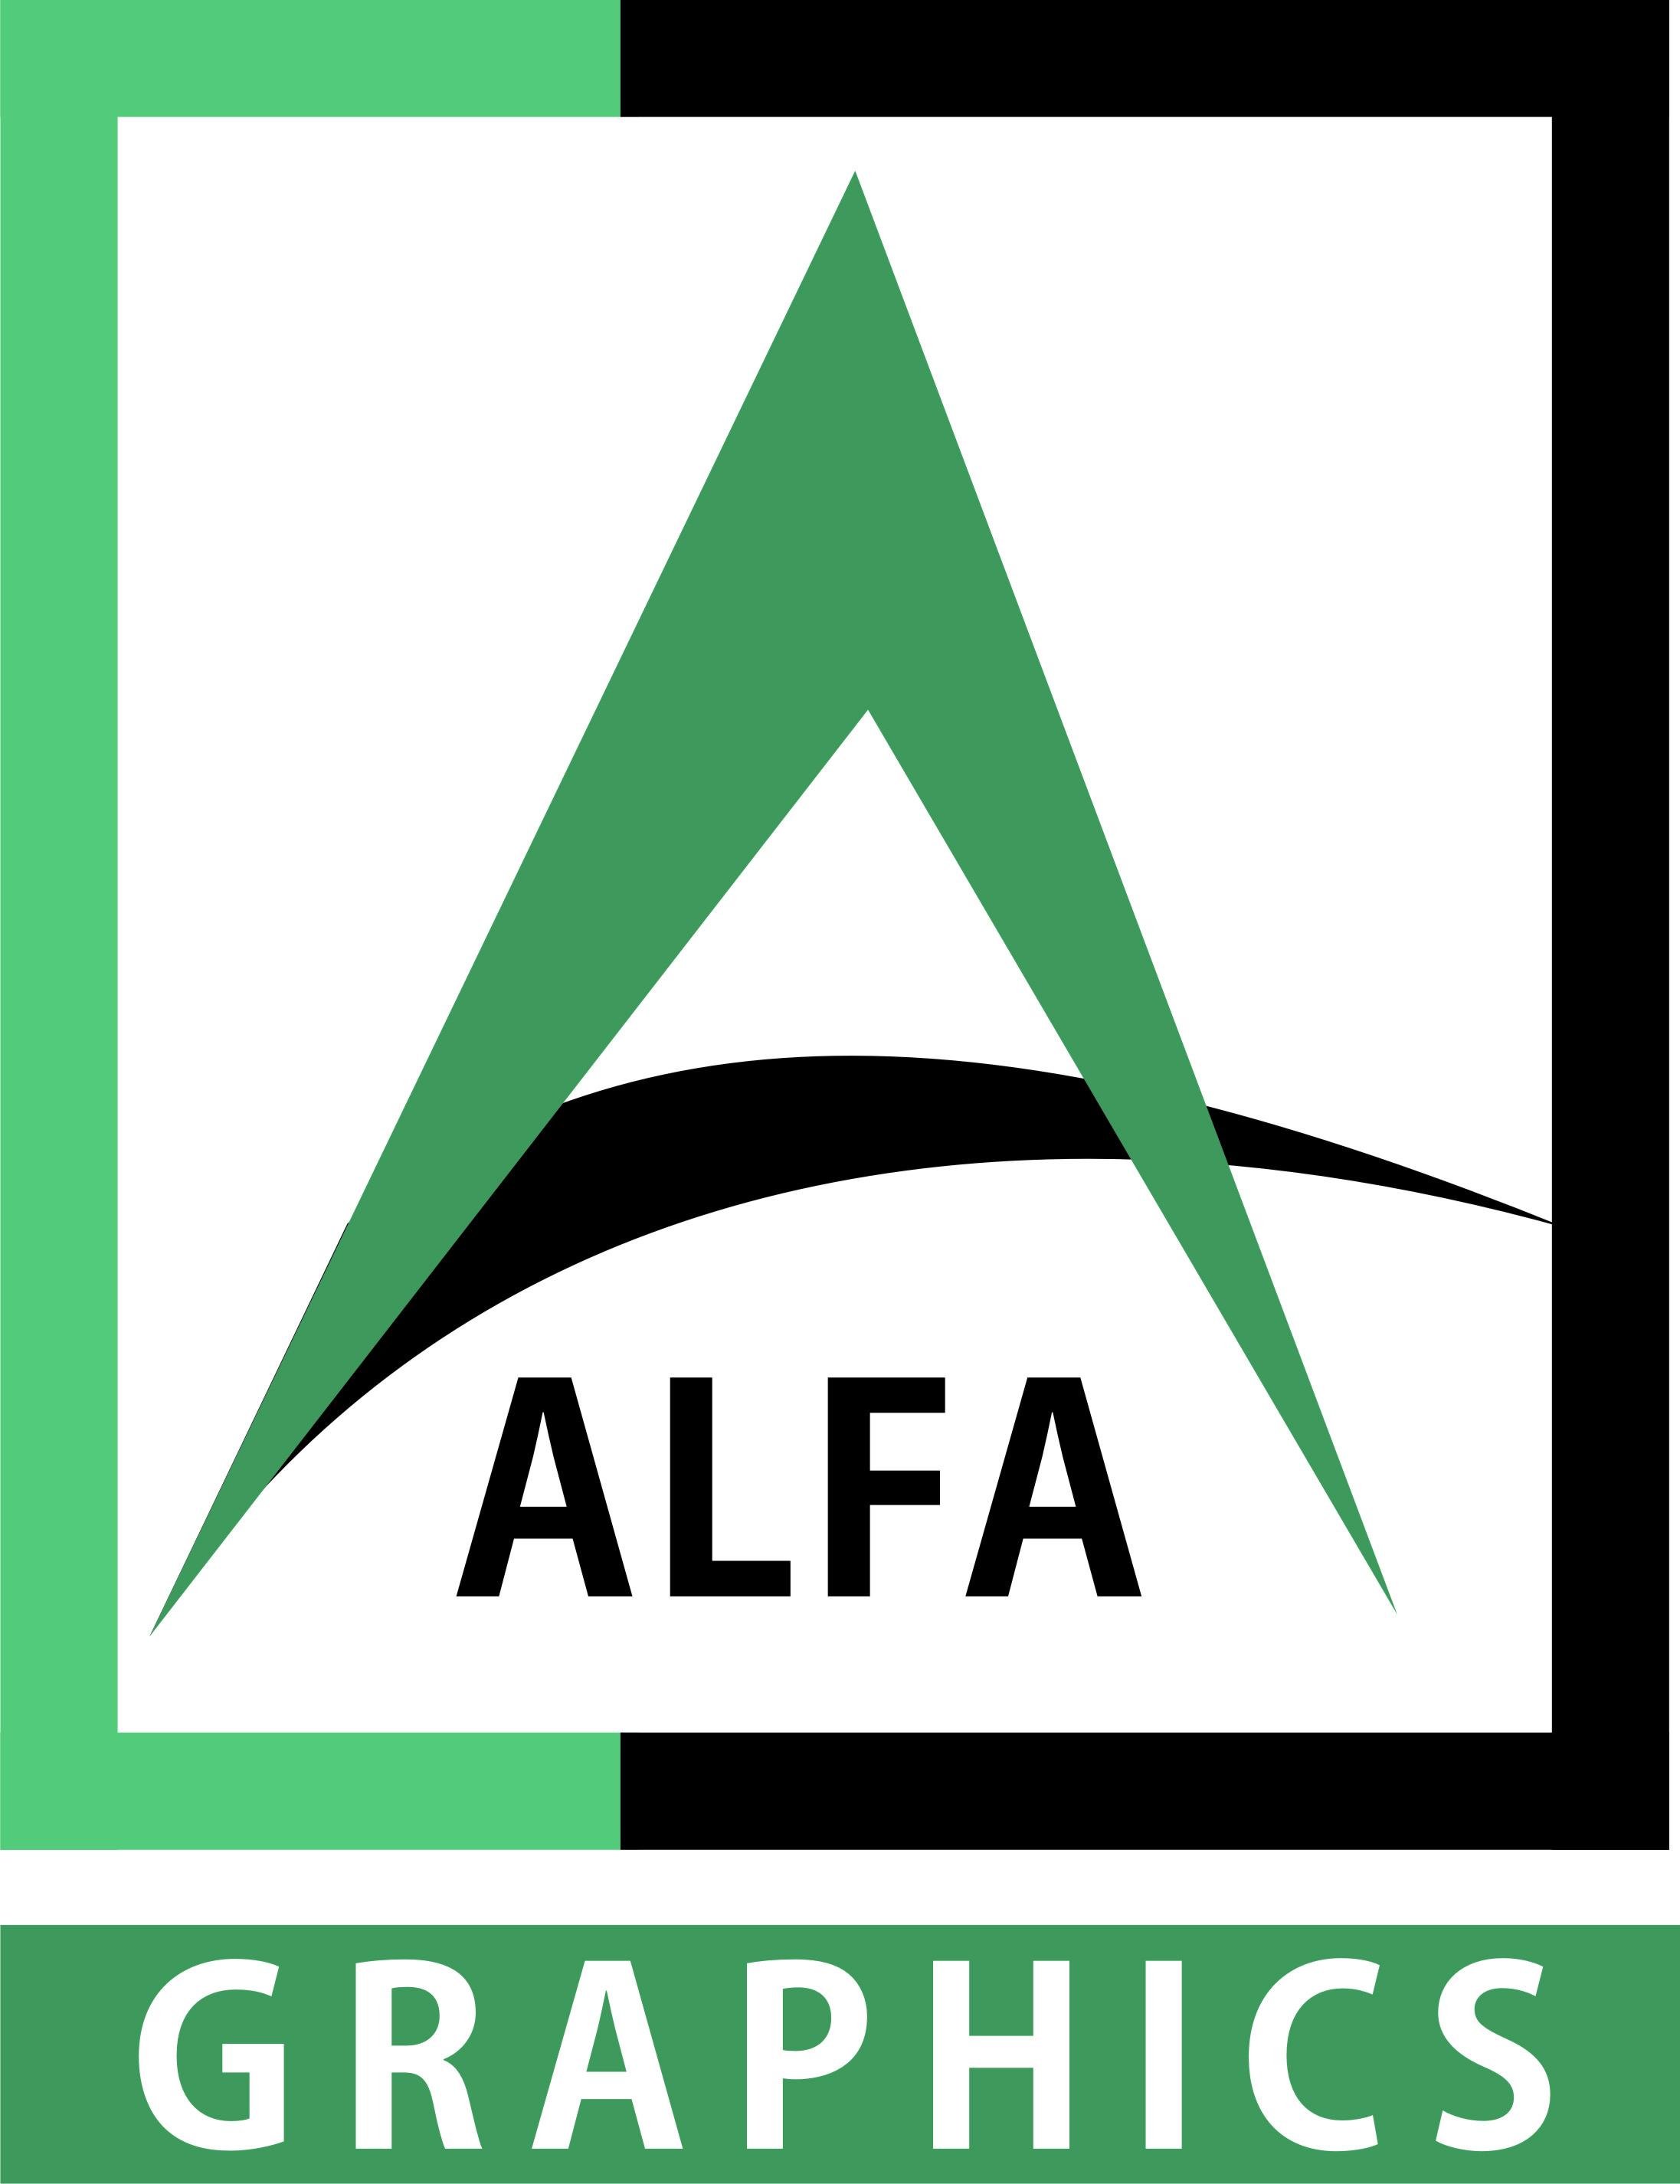 alfagraphics - logo